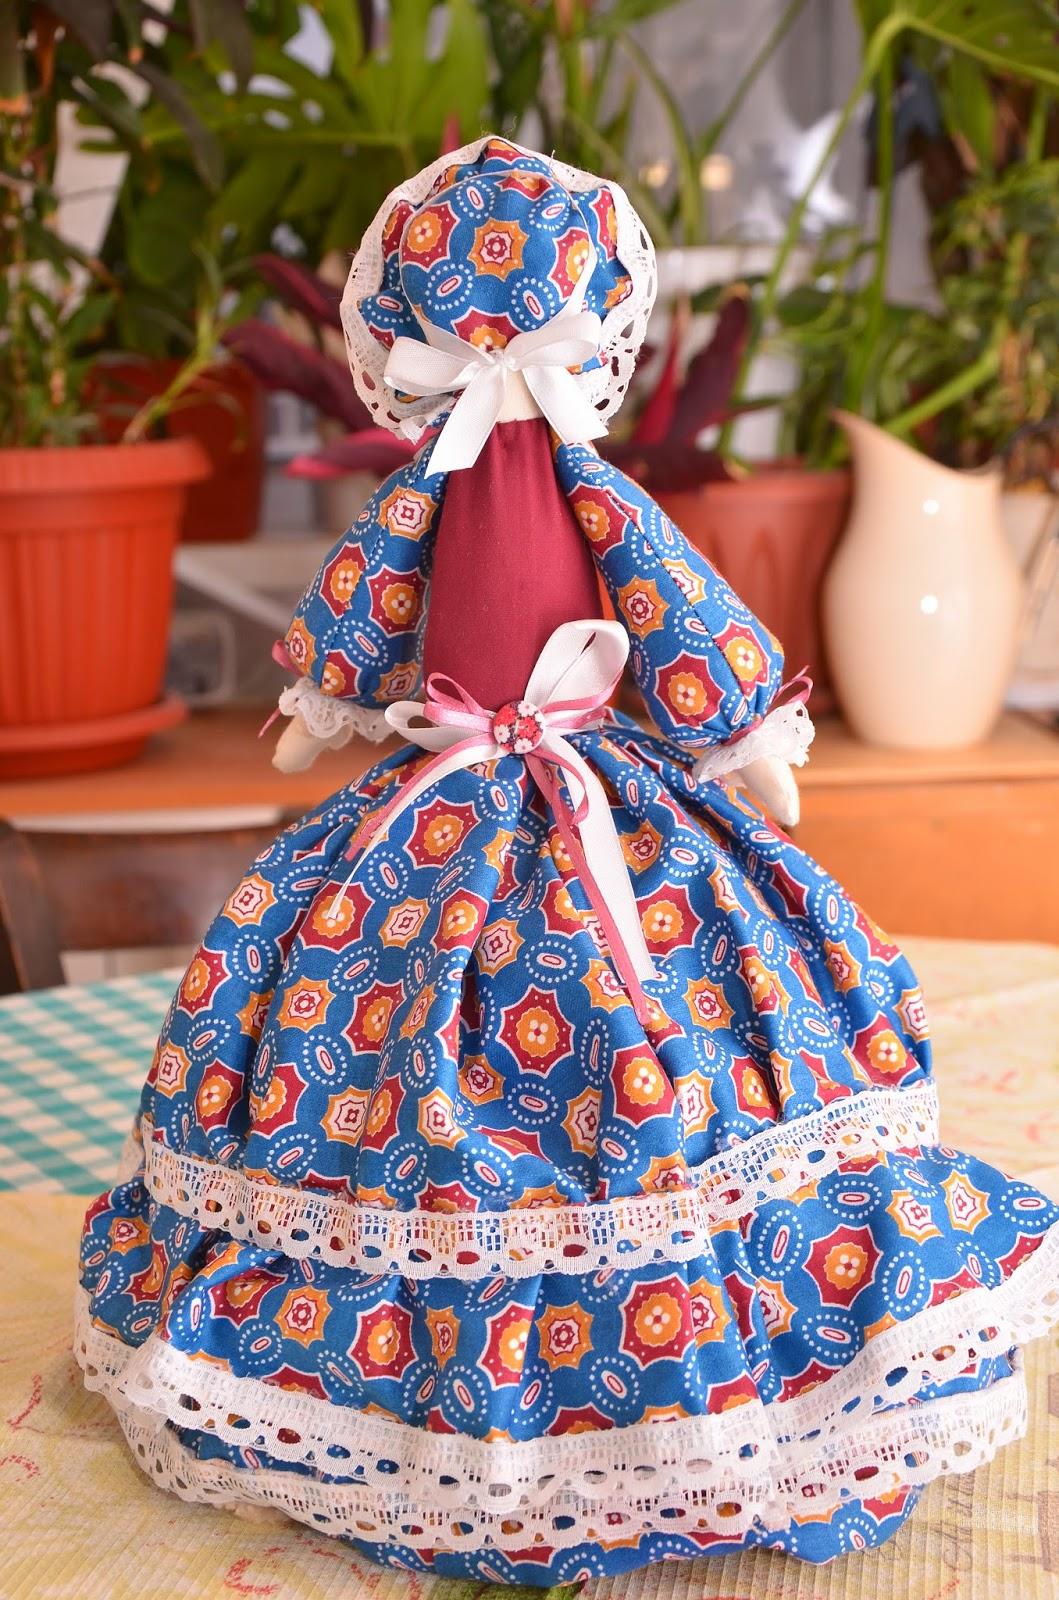 Кукла на чайник своими руками мастер-класс, грелка на чайник выкройка 90